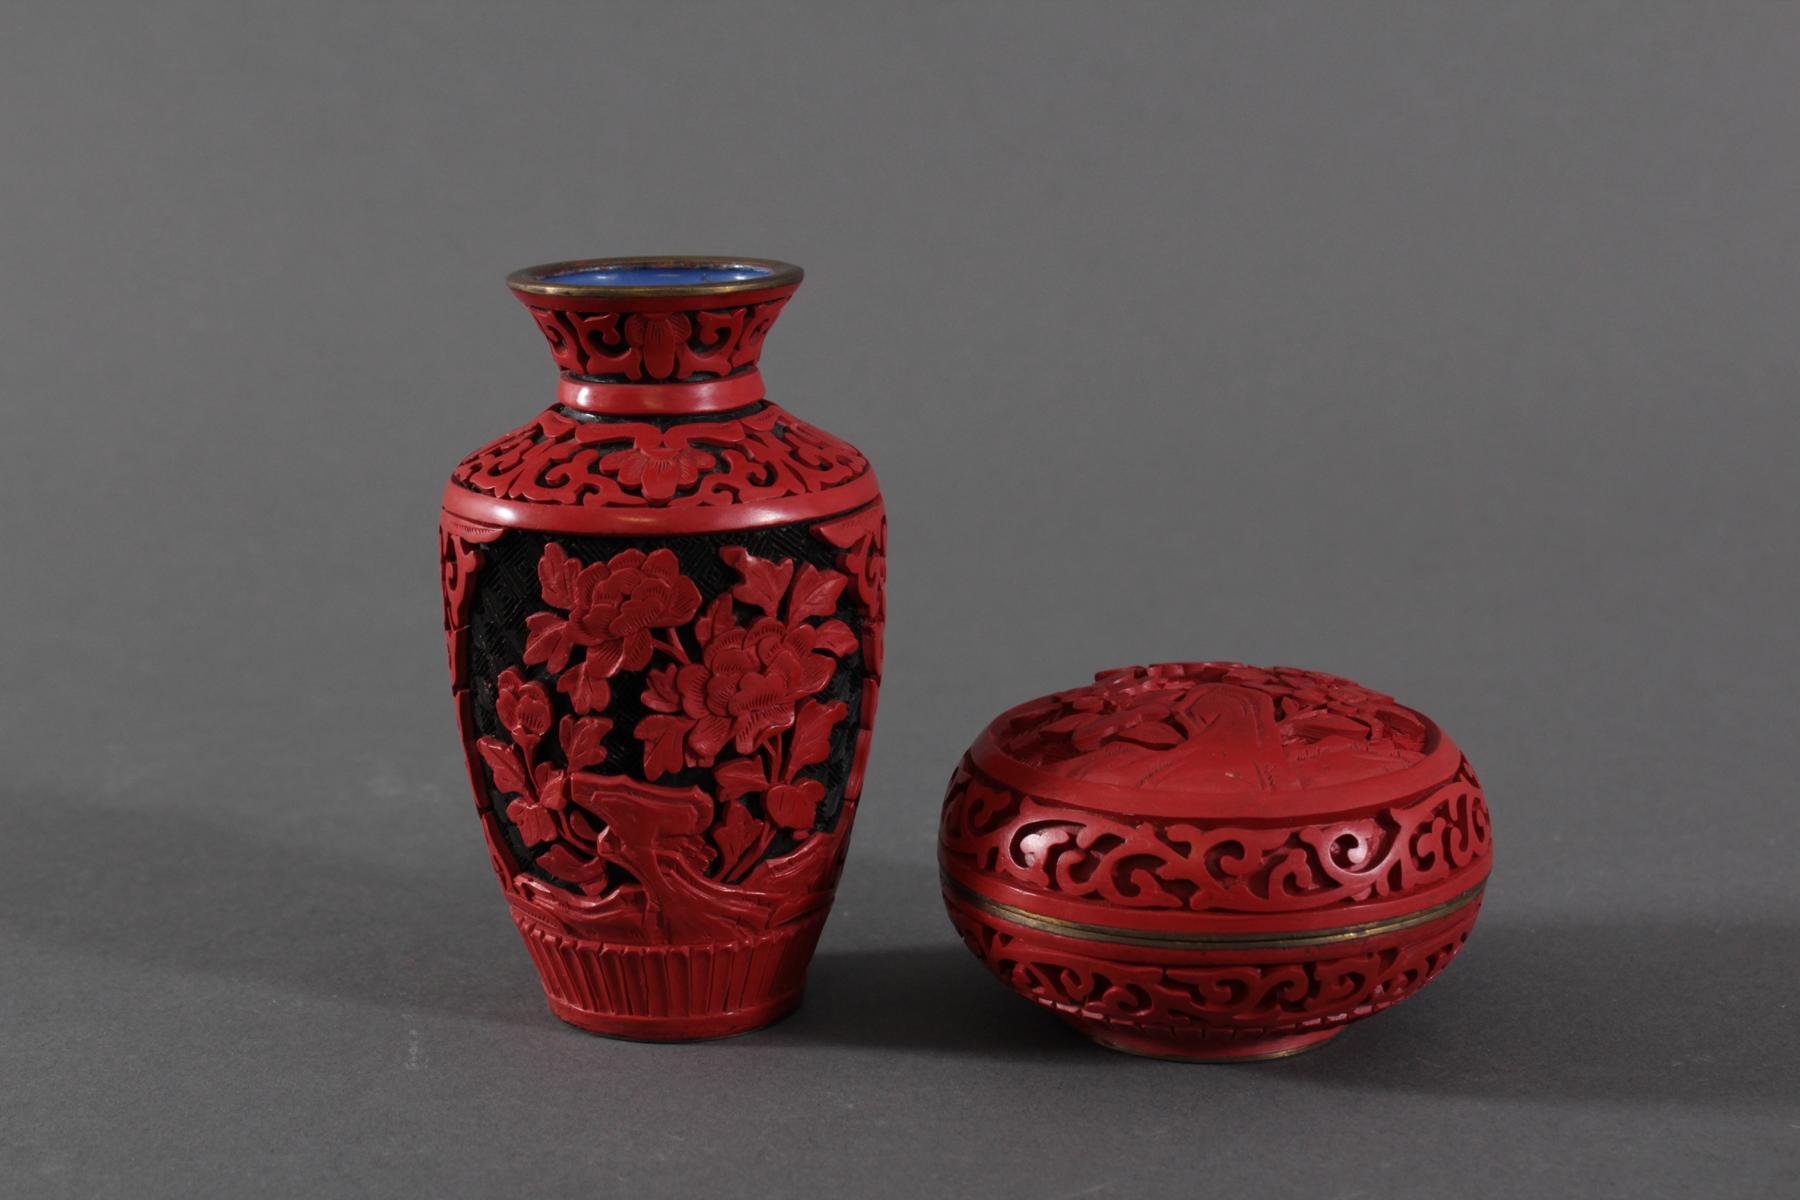 Schichtlack-Deckeldose und Vase, China, Mitte 20. Jahrhundert-2